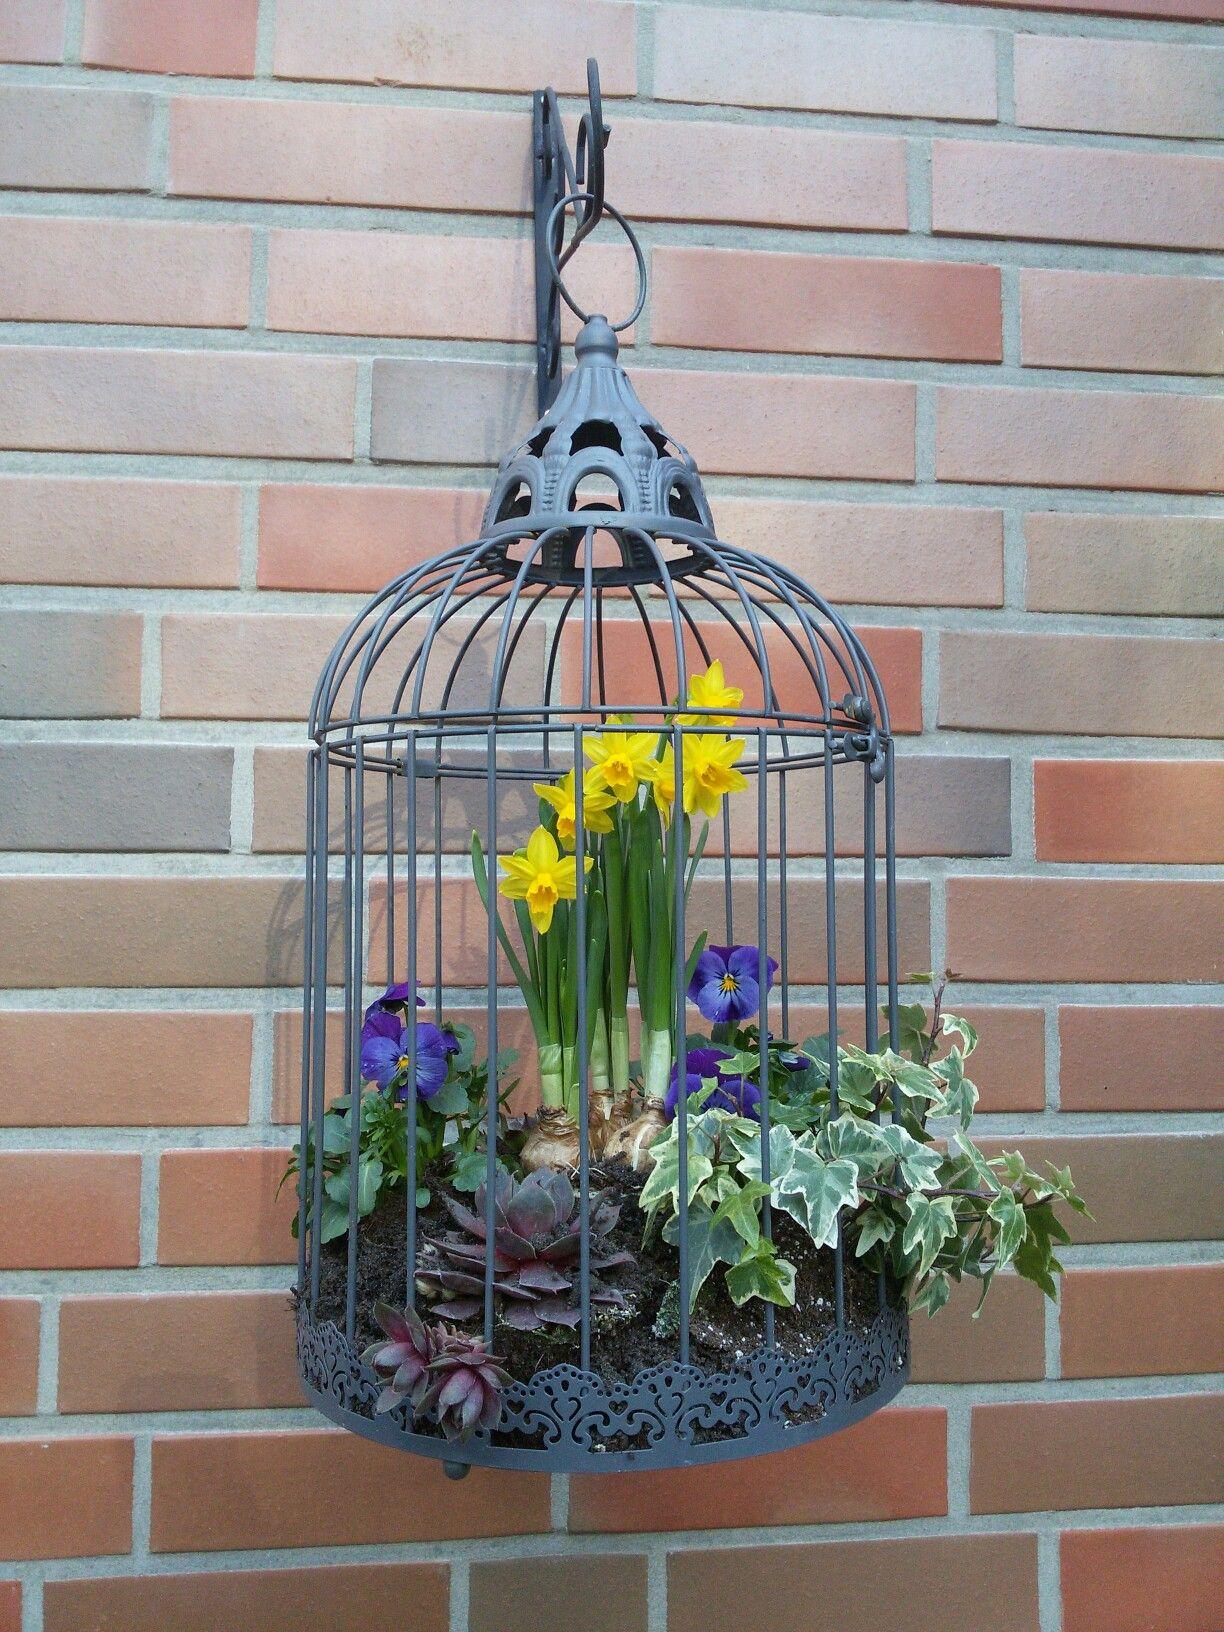 deko vogelk fig eigene kreationen pinterest k fig vogelk fig deko und v gel. Black Bedroom Furniture Sets. Home Design Ideas